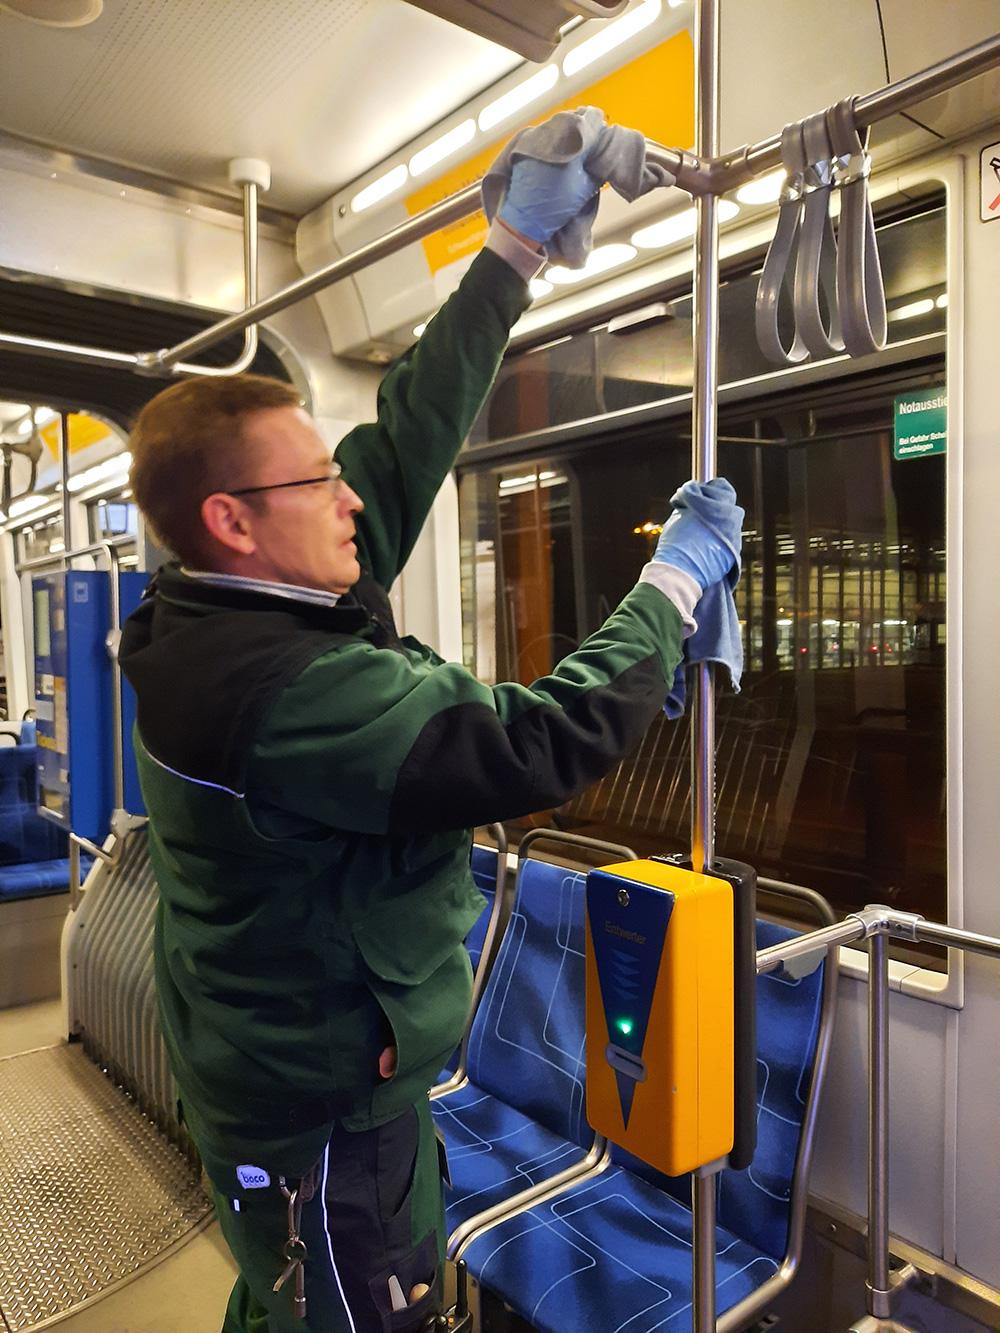 Marcel beim reinigen der Bahn